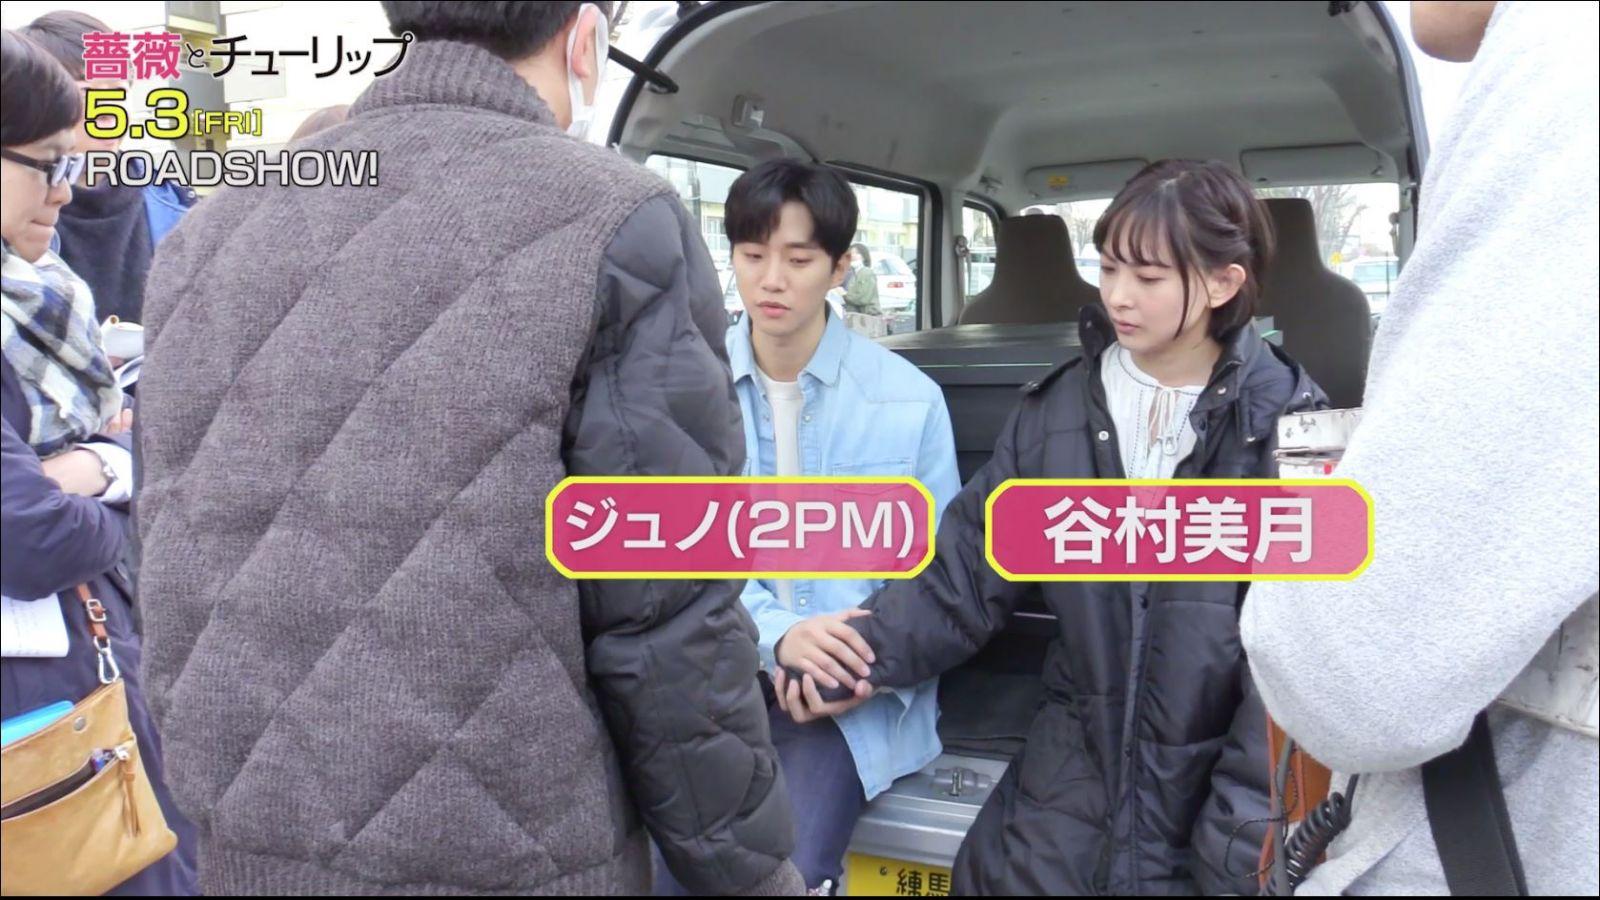 薔薇とチューリップ,2PM,ジュノ